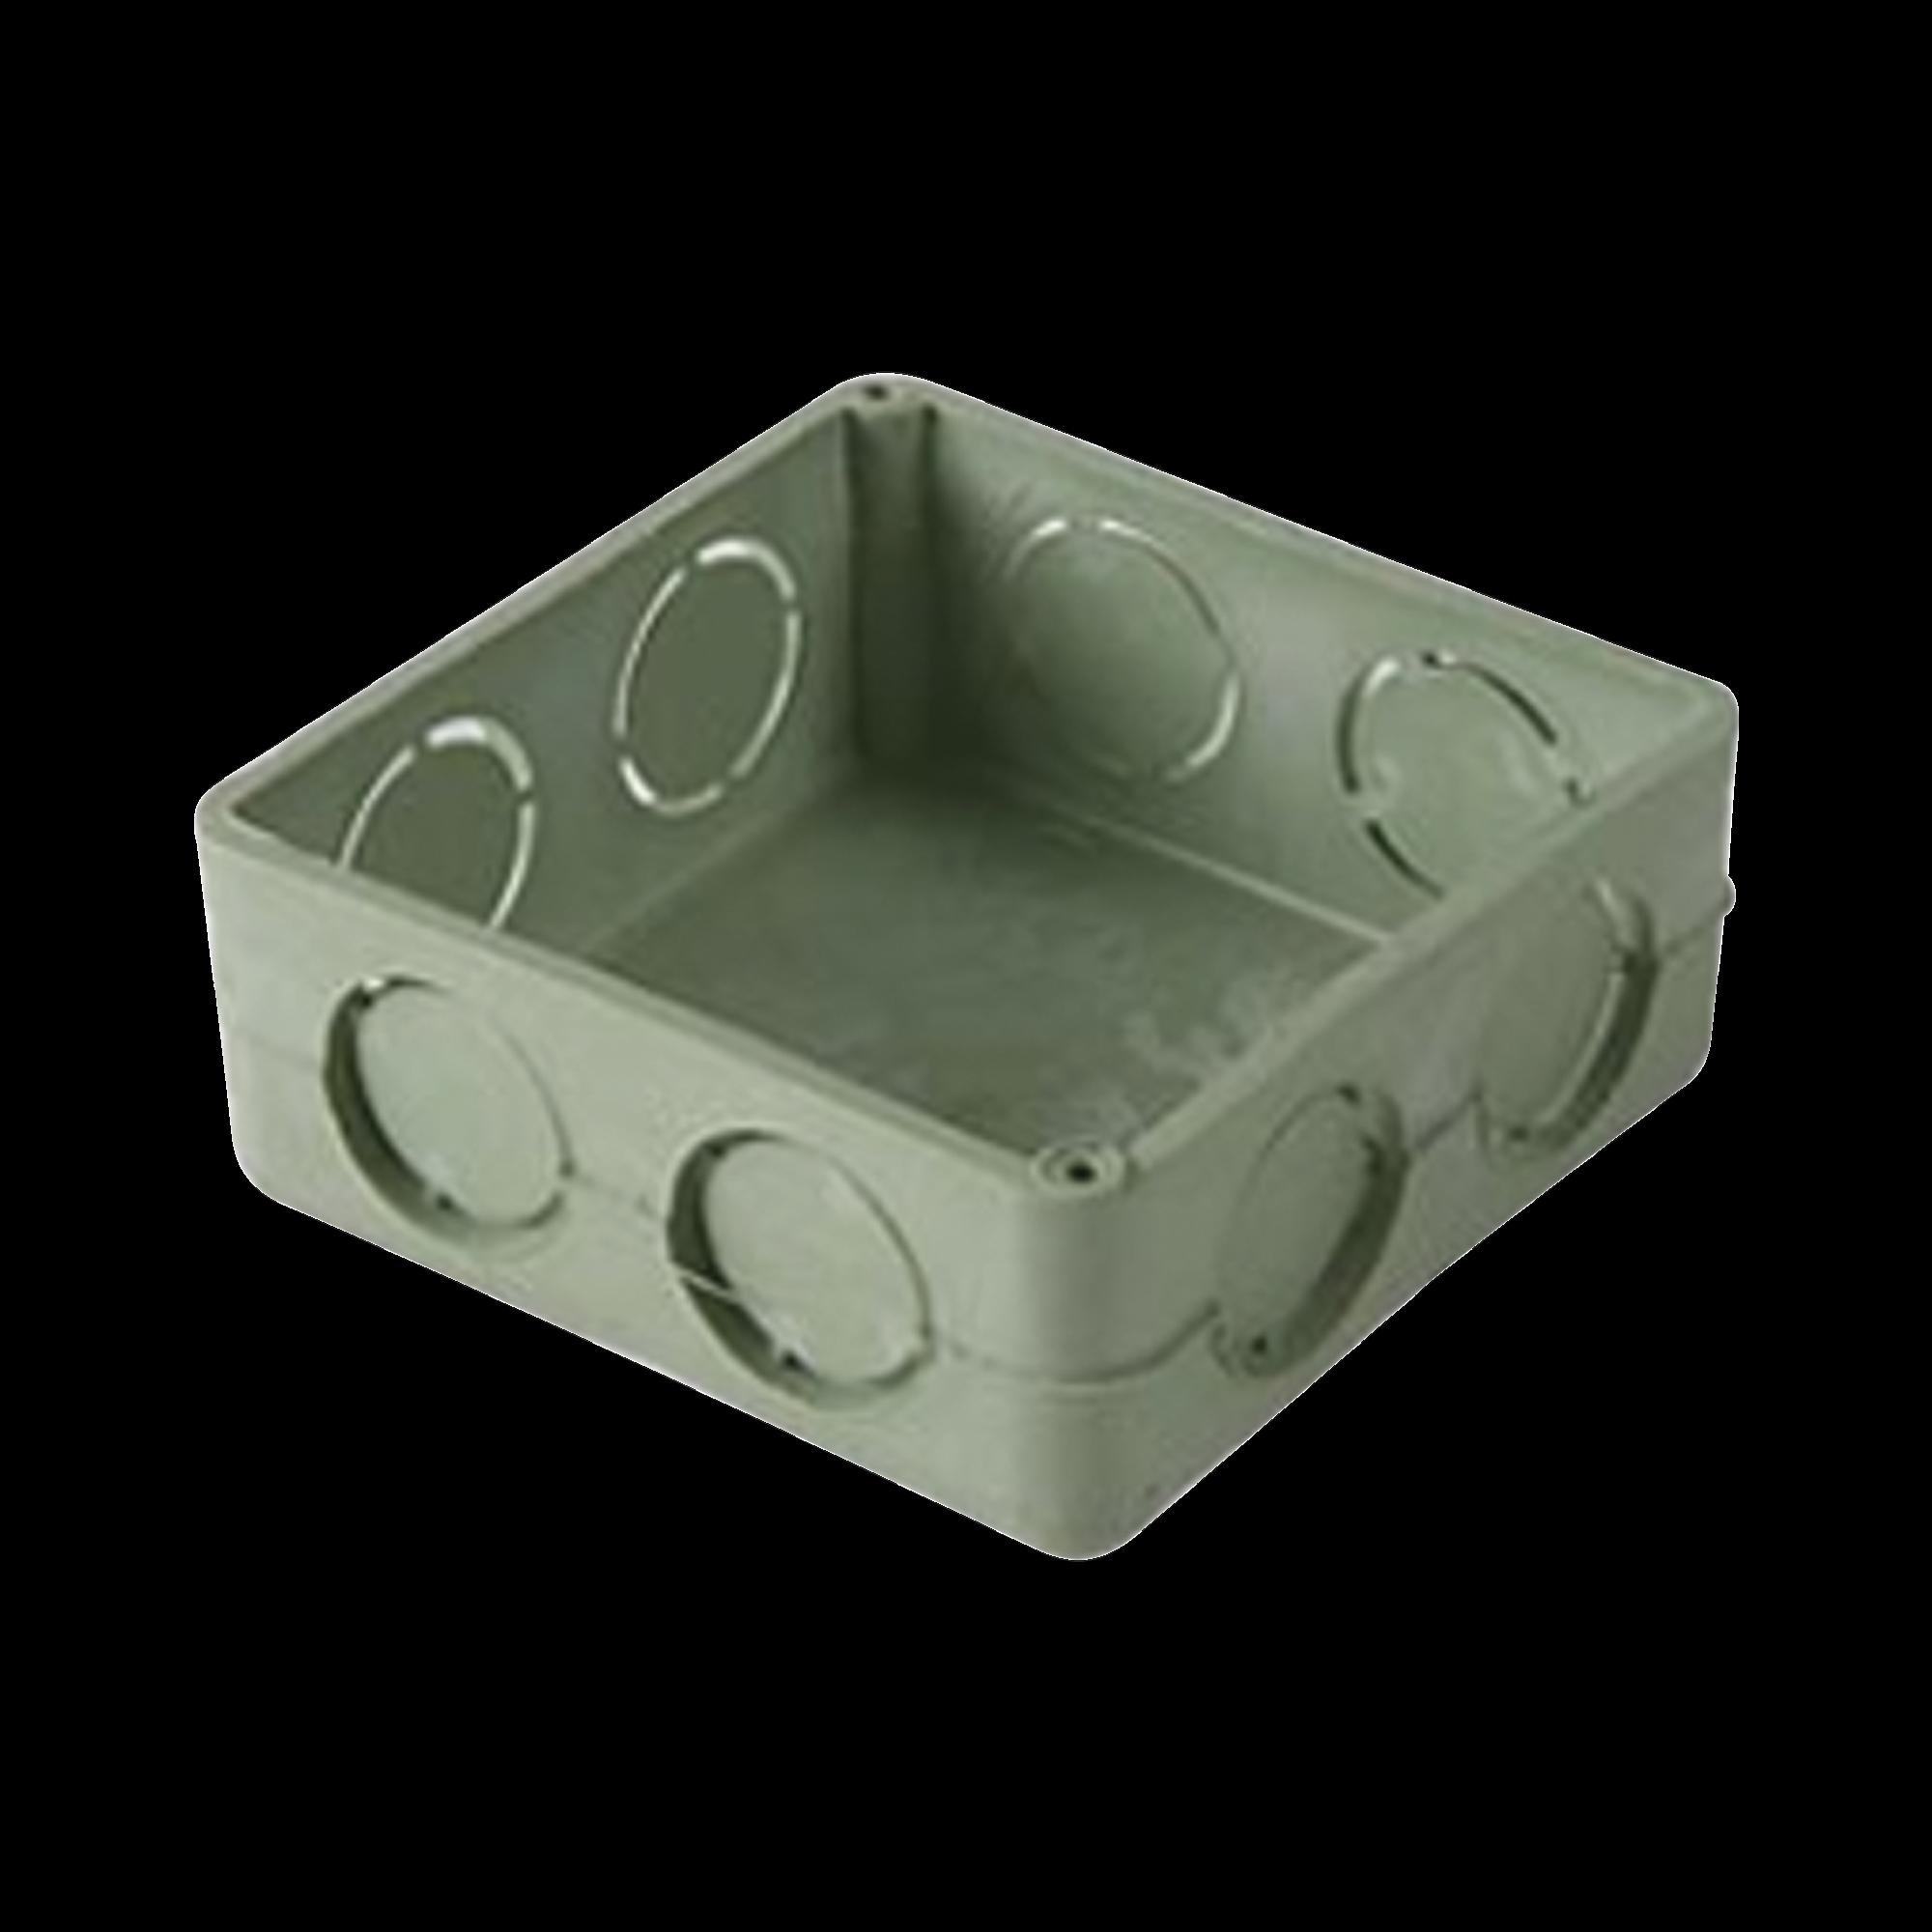 Caja cuadrada de 1/2  para instalaciones con tuberia PVC Conduit pesado